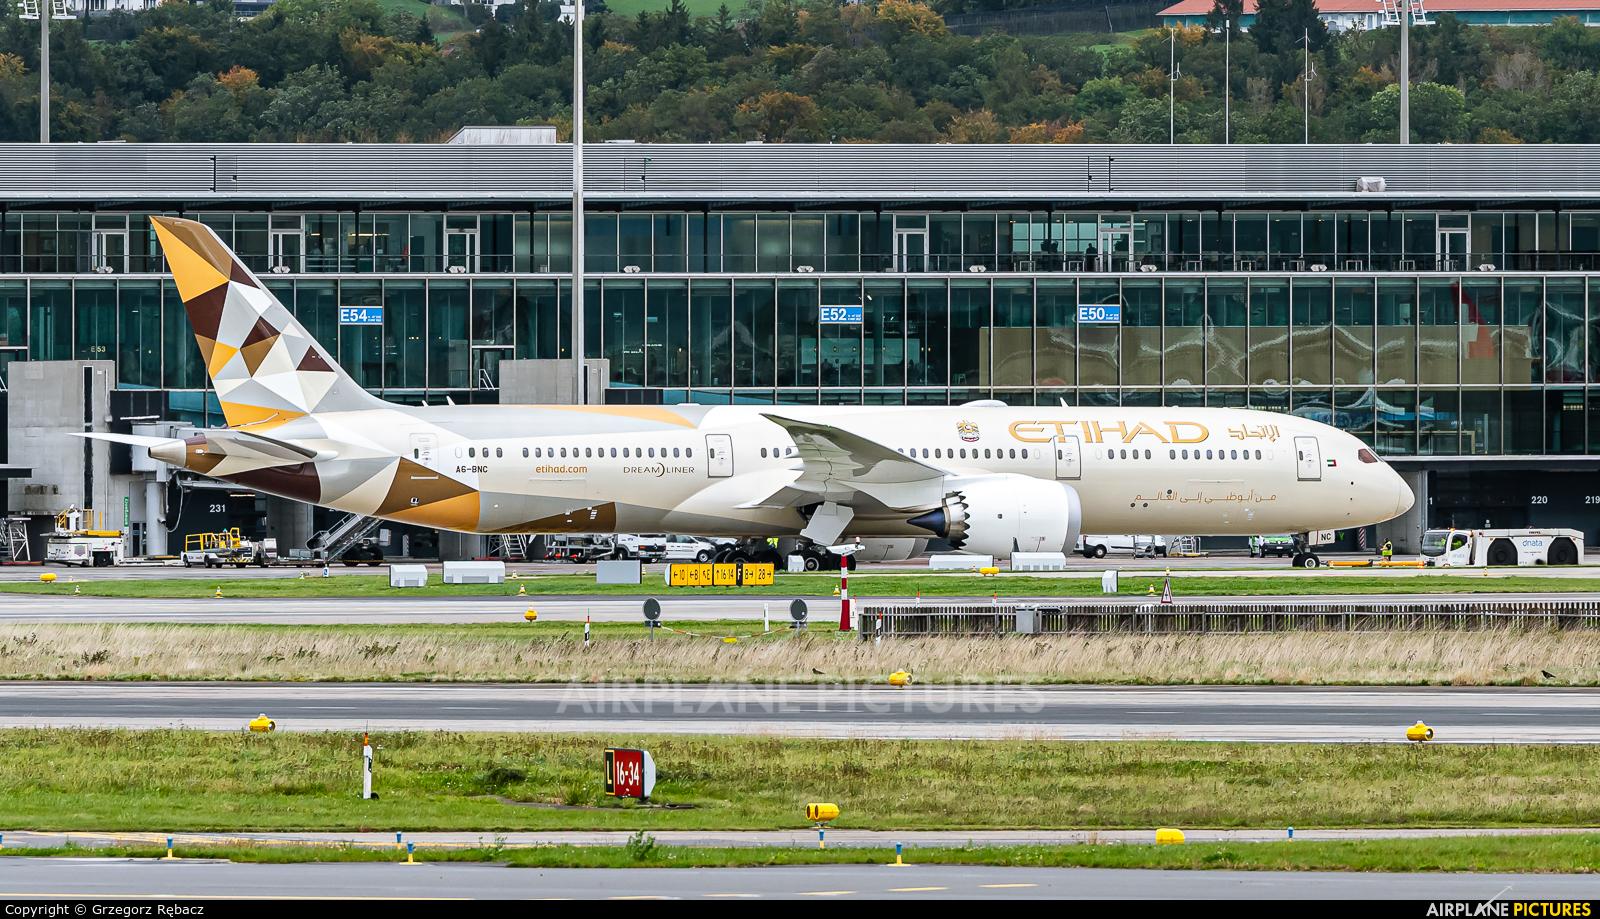 Etihad Airways A6-BNC aircraft at Zurich